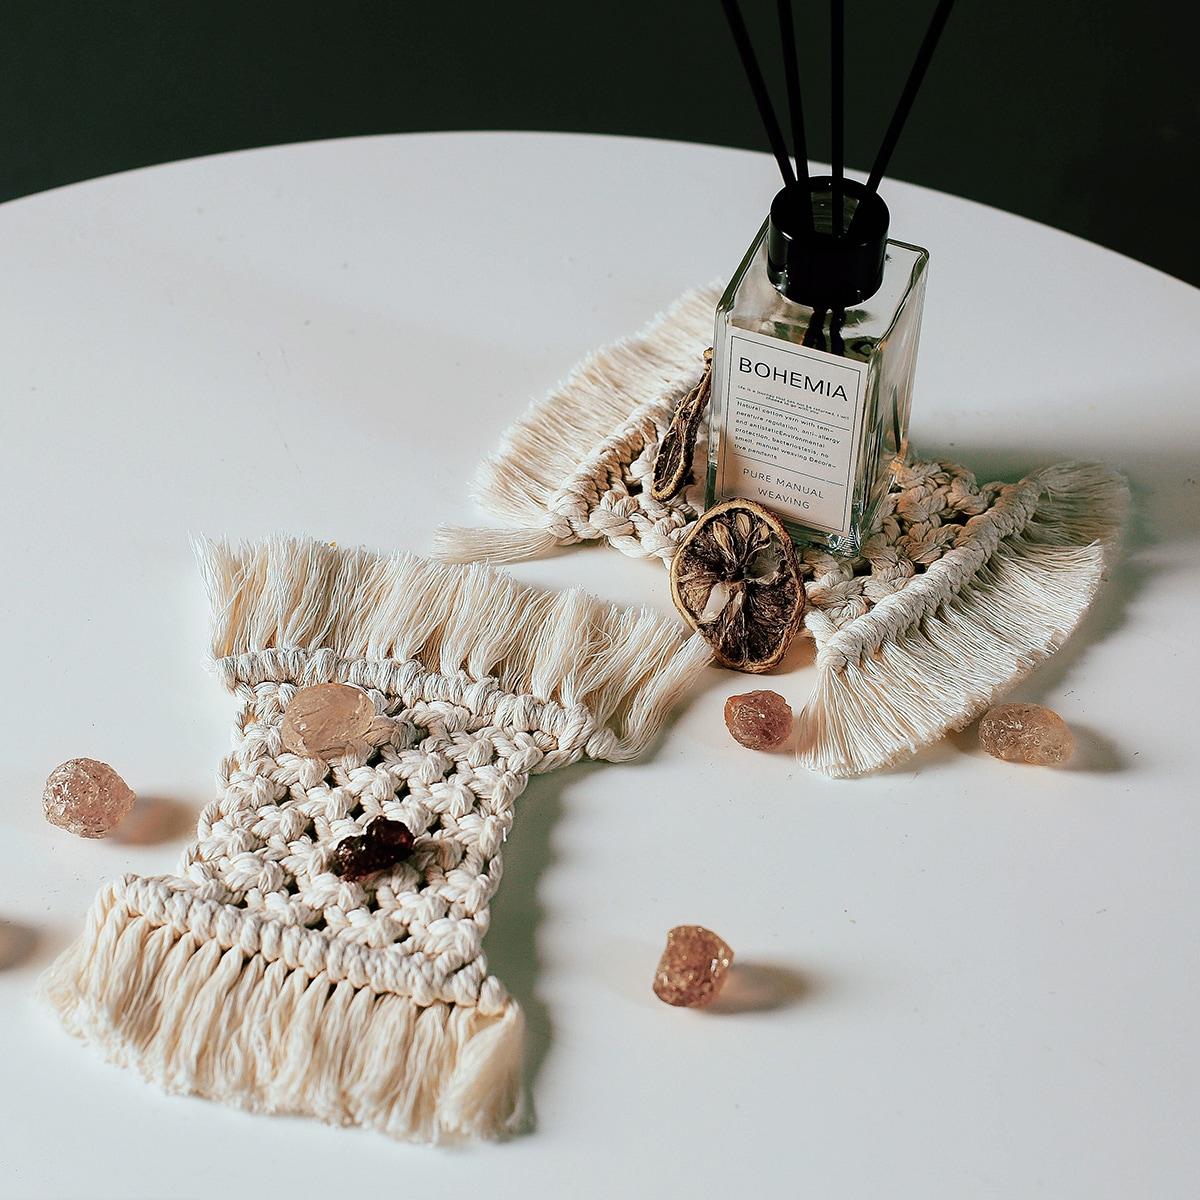 1шт плетеный настольный коврик с бахромой